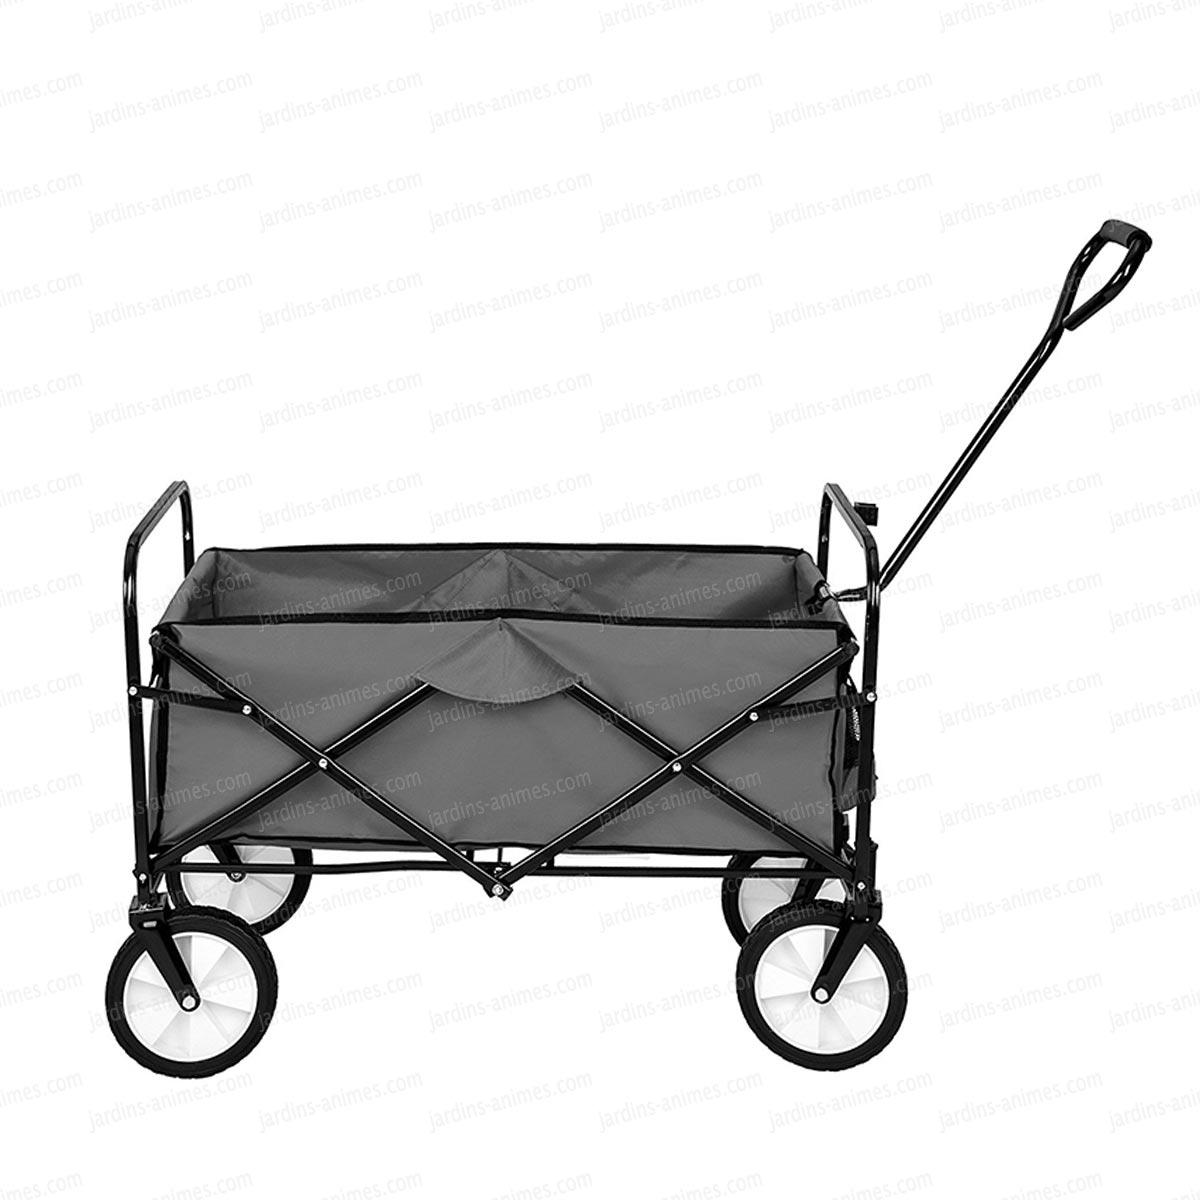 Chariot De Jardin Pliable - Remorque À Main 4 Roues dedans Chariot De Jardin 4 Roues